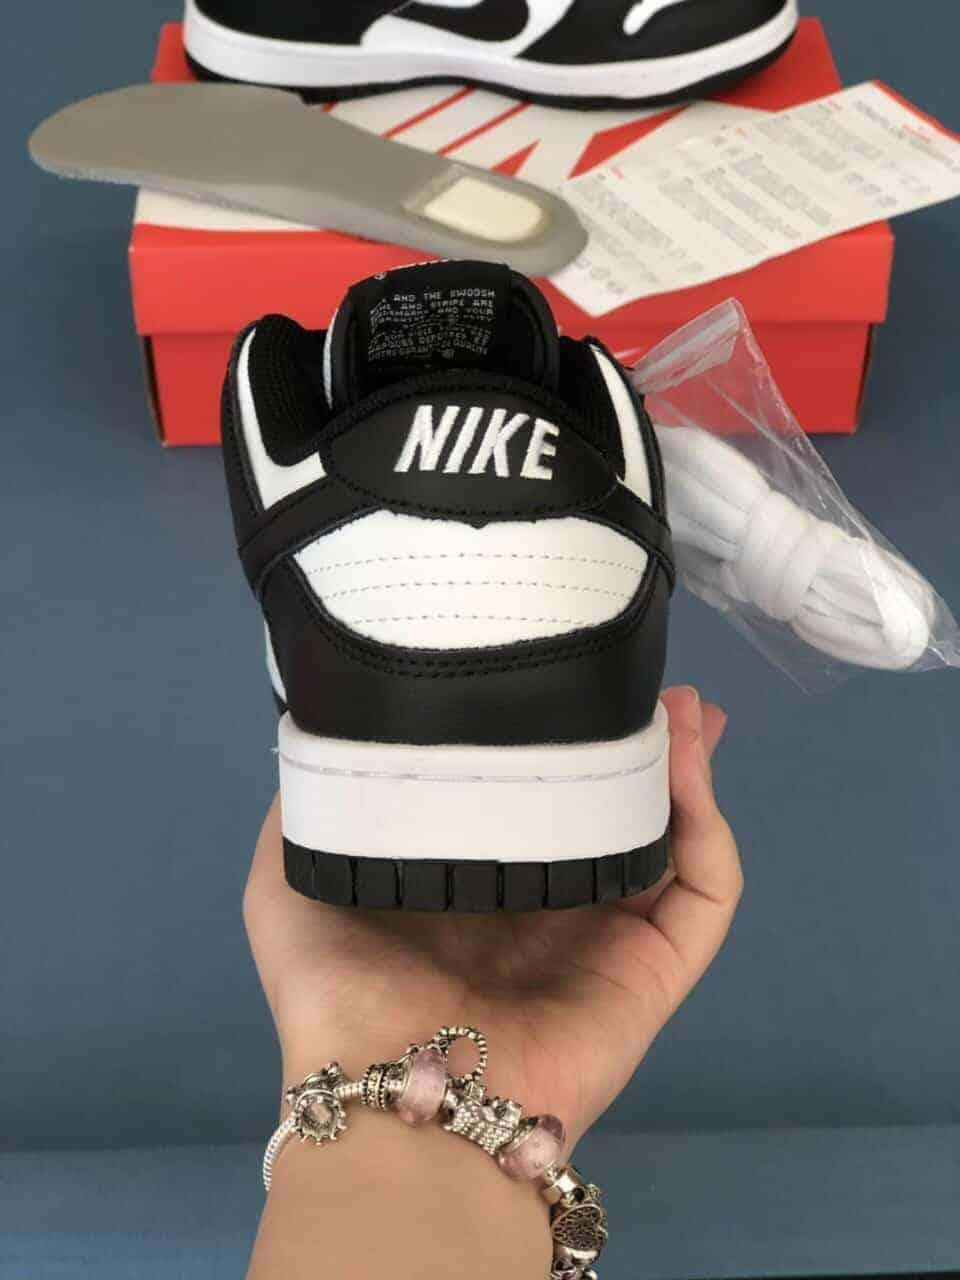 Nike SB Dunk Panda Rep 1:1 là lựa chọn nên ưu tiên với mọi đối tượng khách mua